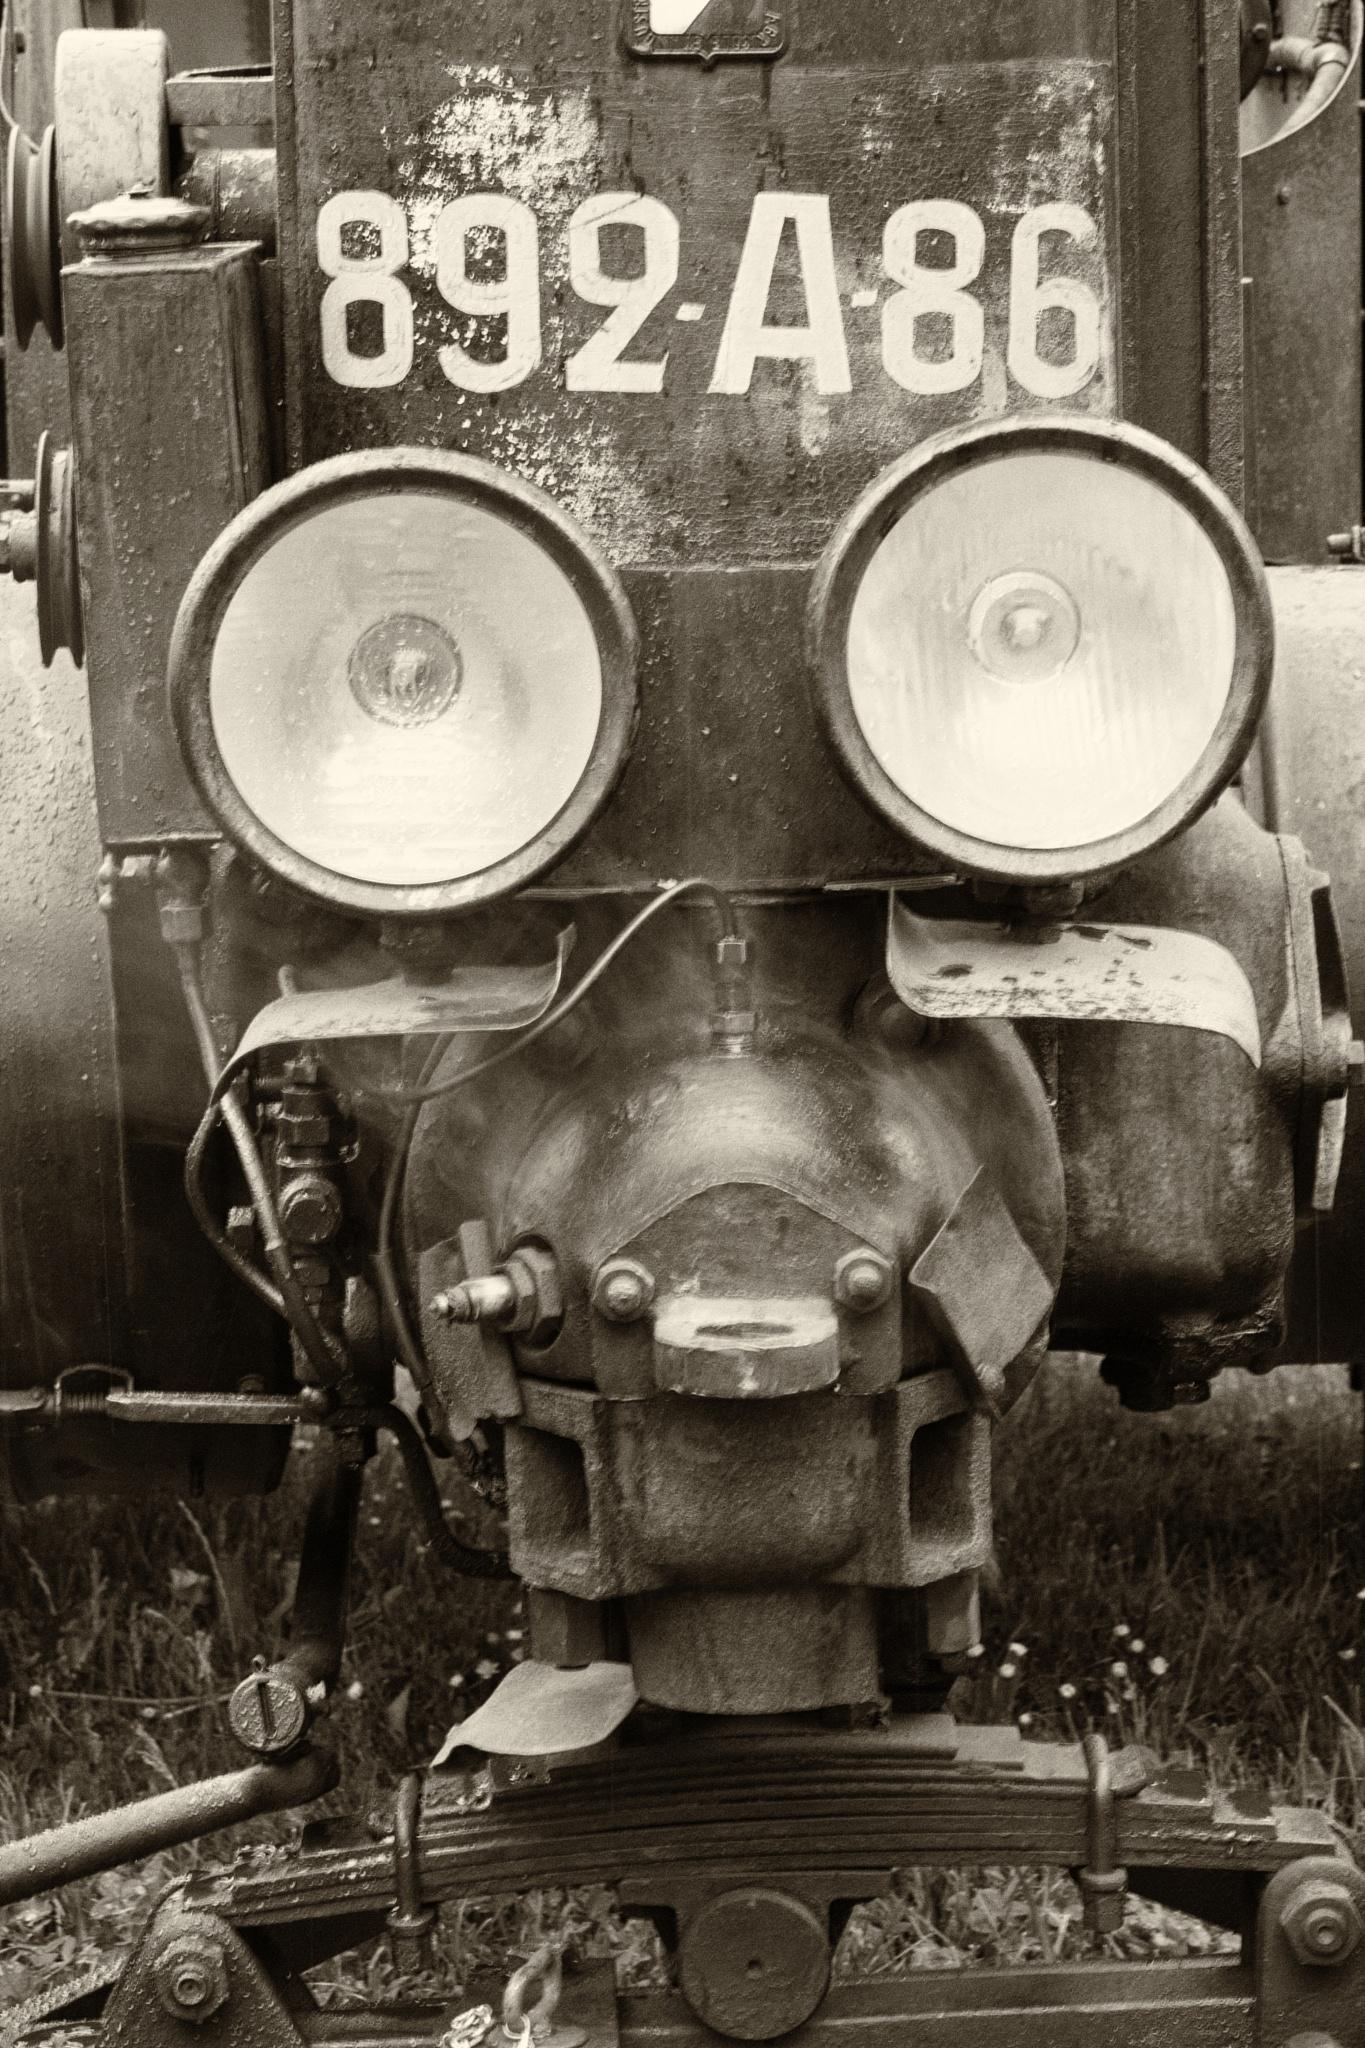 voiture ancienne  by abeille77